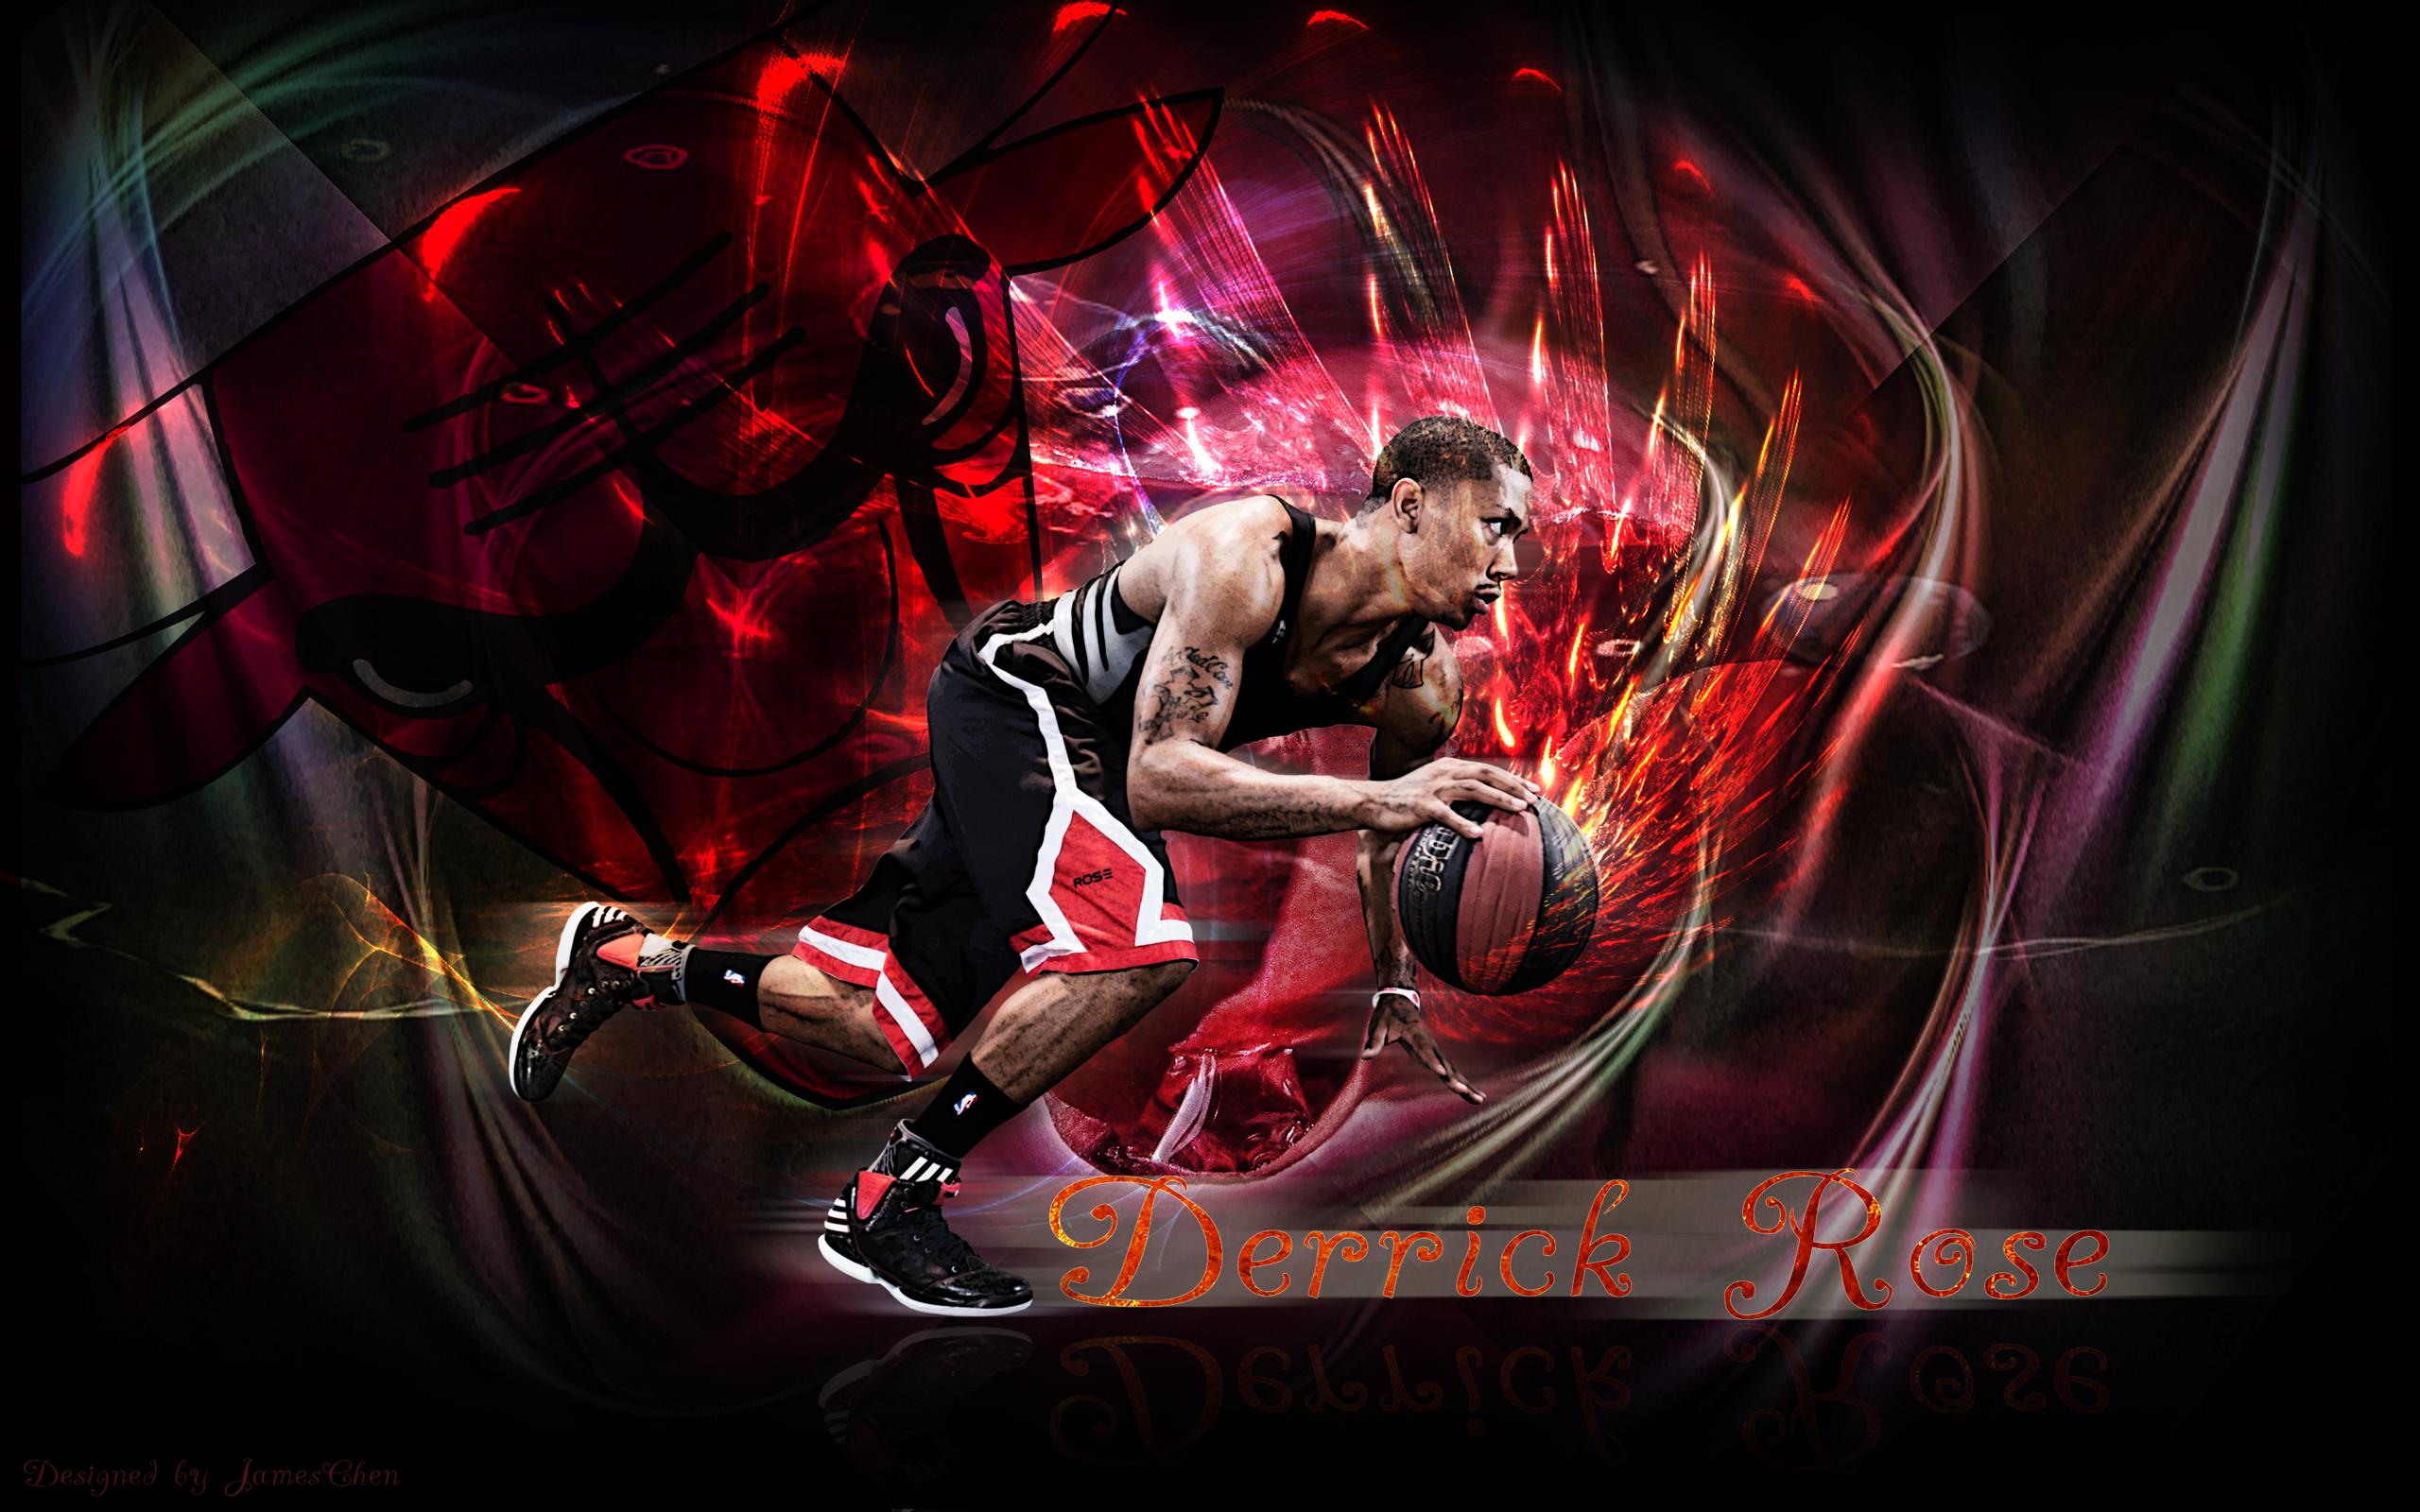 derrick rose basketball wallpaper bulls 2014 2560x1600